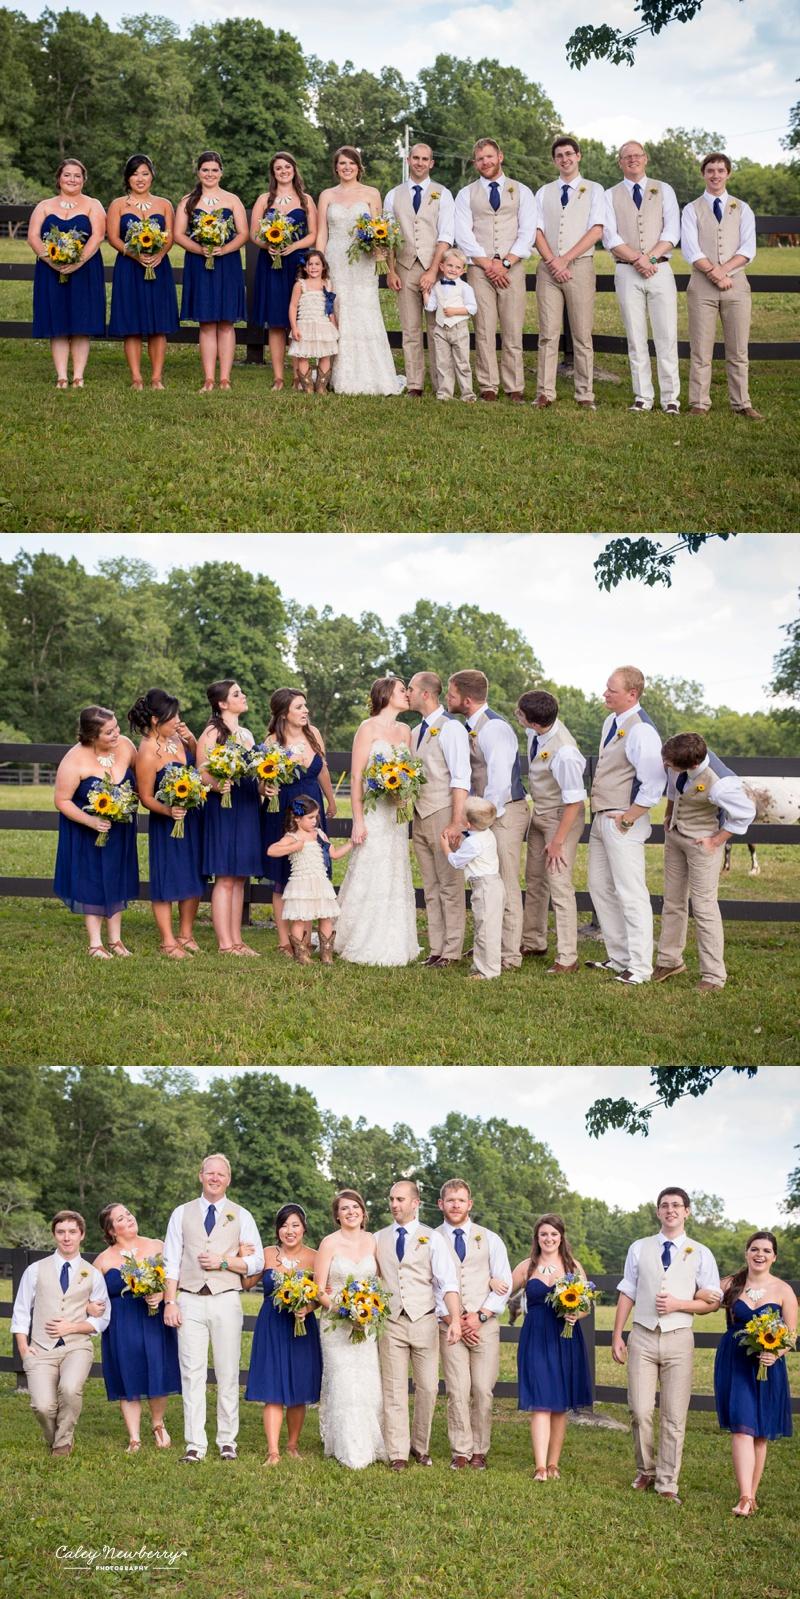 terian farms wedding party photos